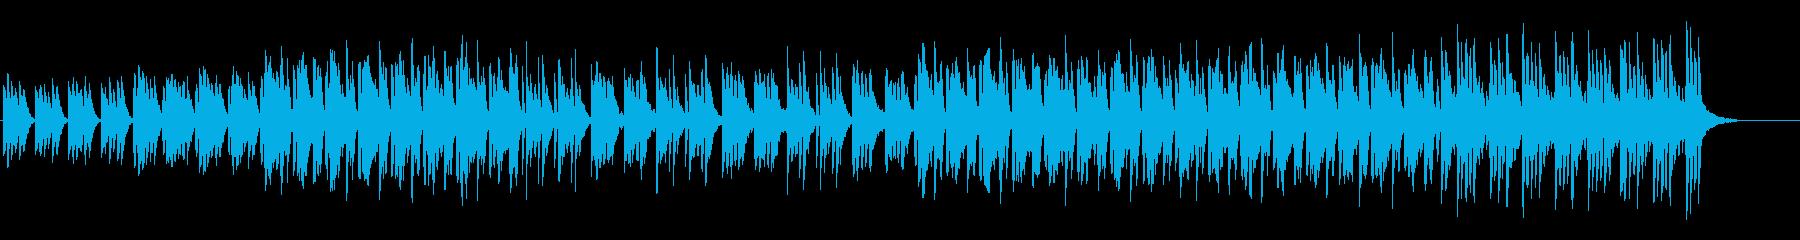 ふんわりゆったりなピアノ+シンセBGMの再生済みの波形